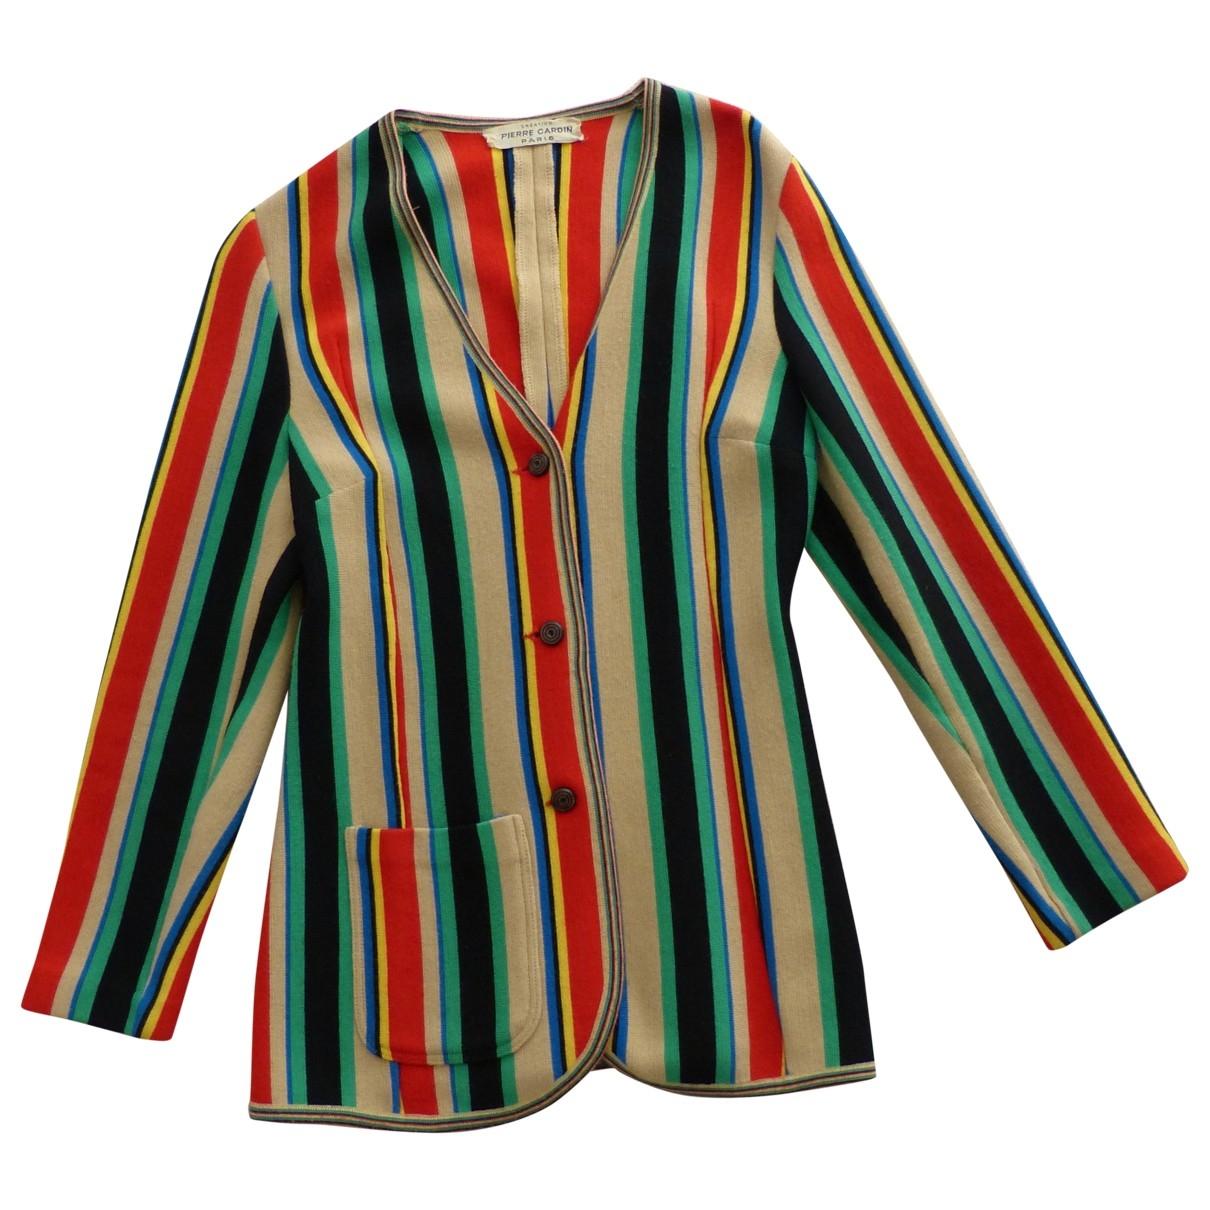 Pierre Cardin \N Multicolour Wool jacket for Women 38 FR